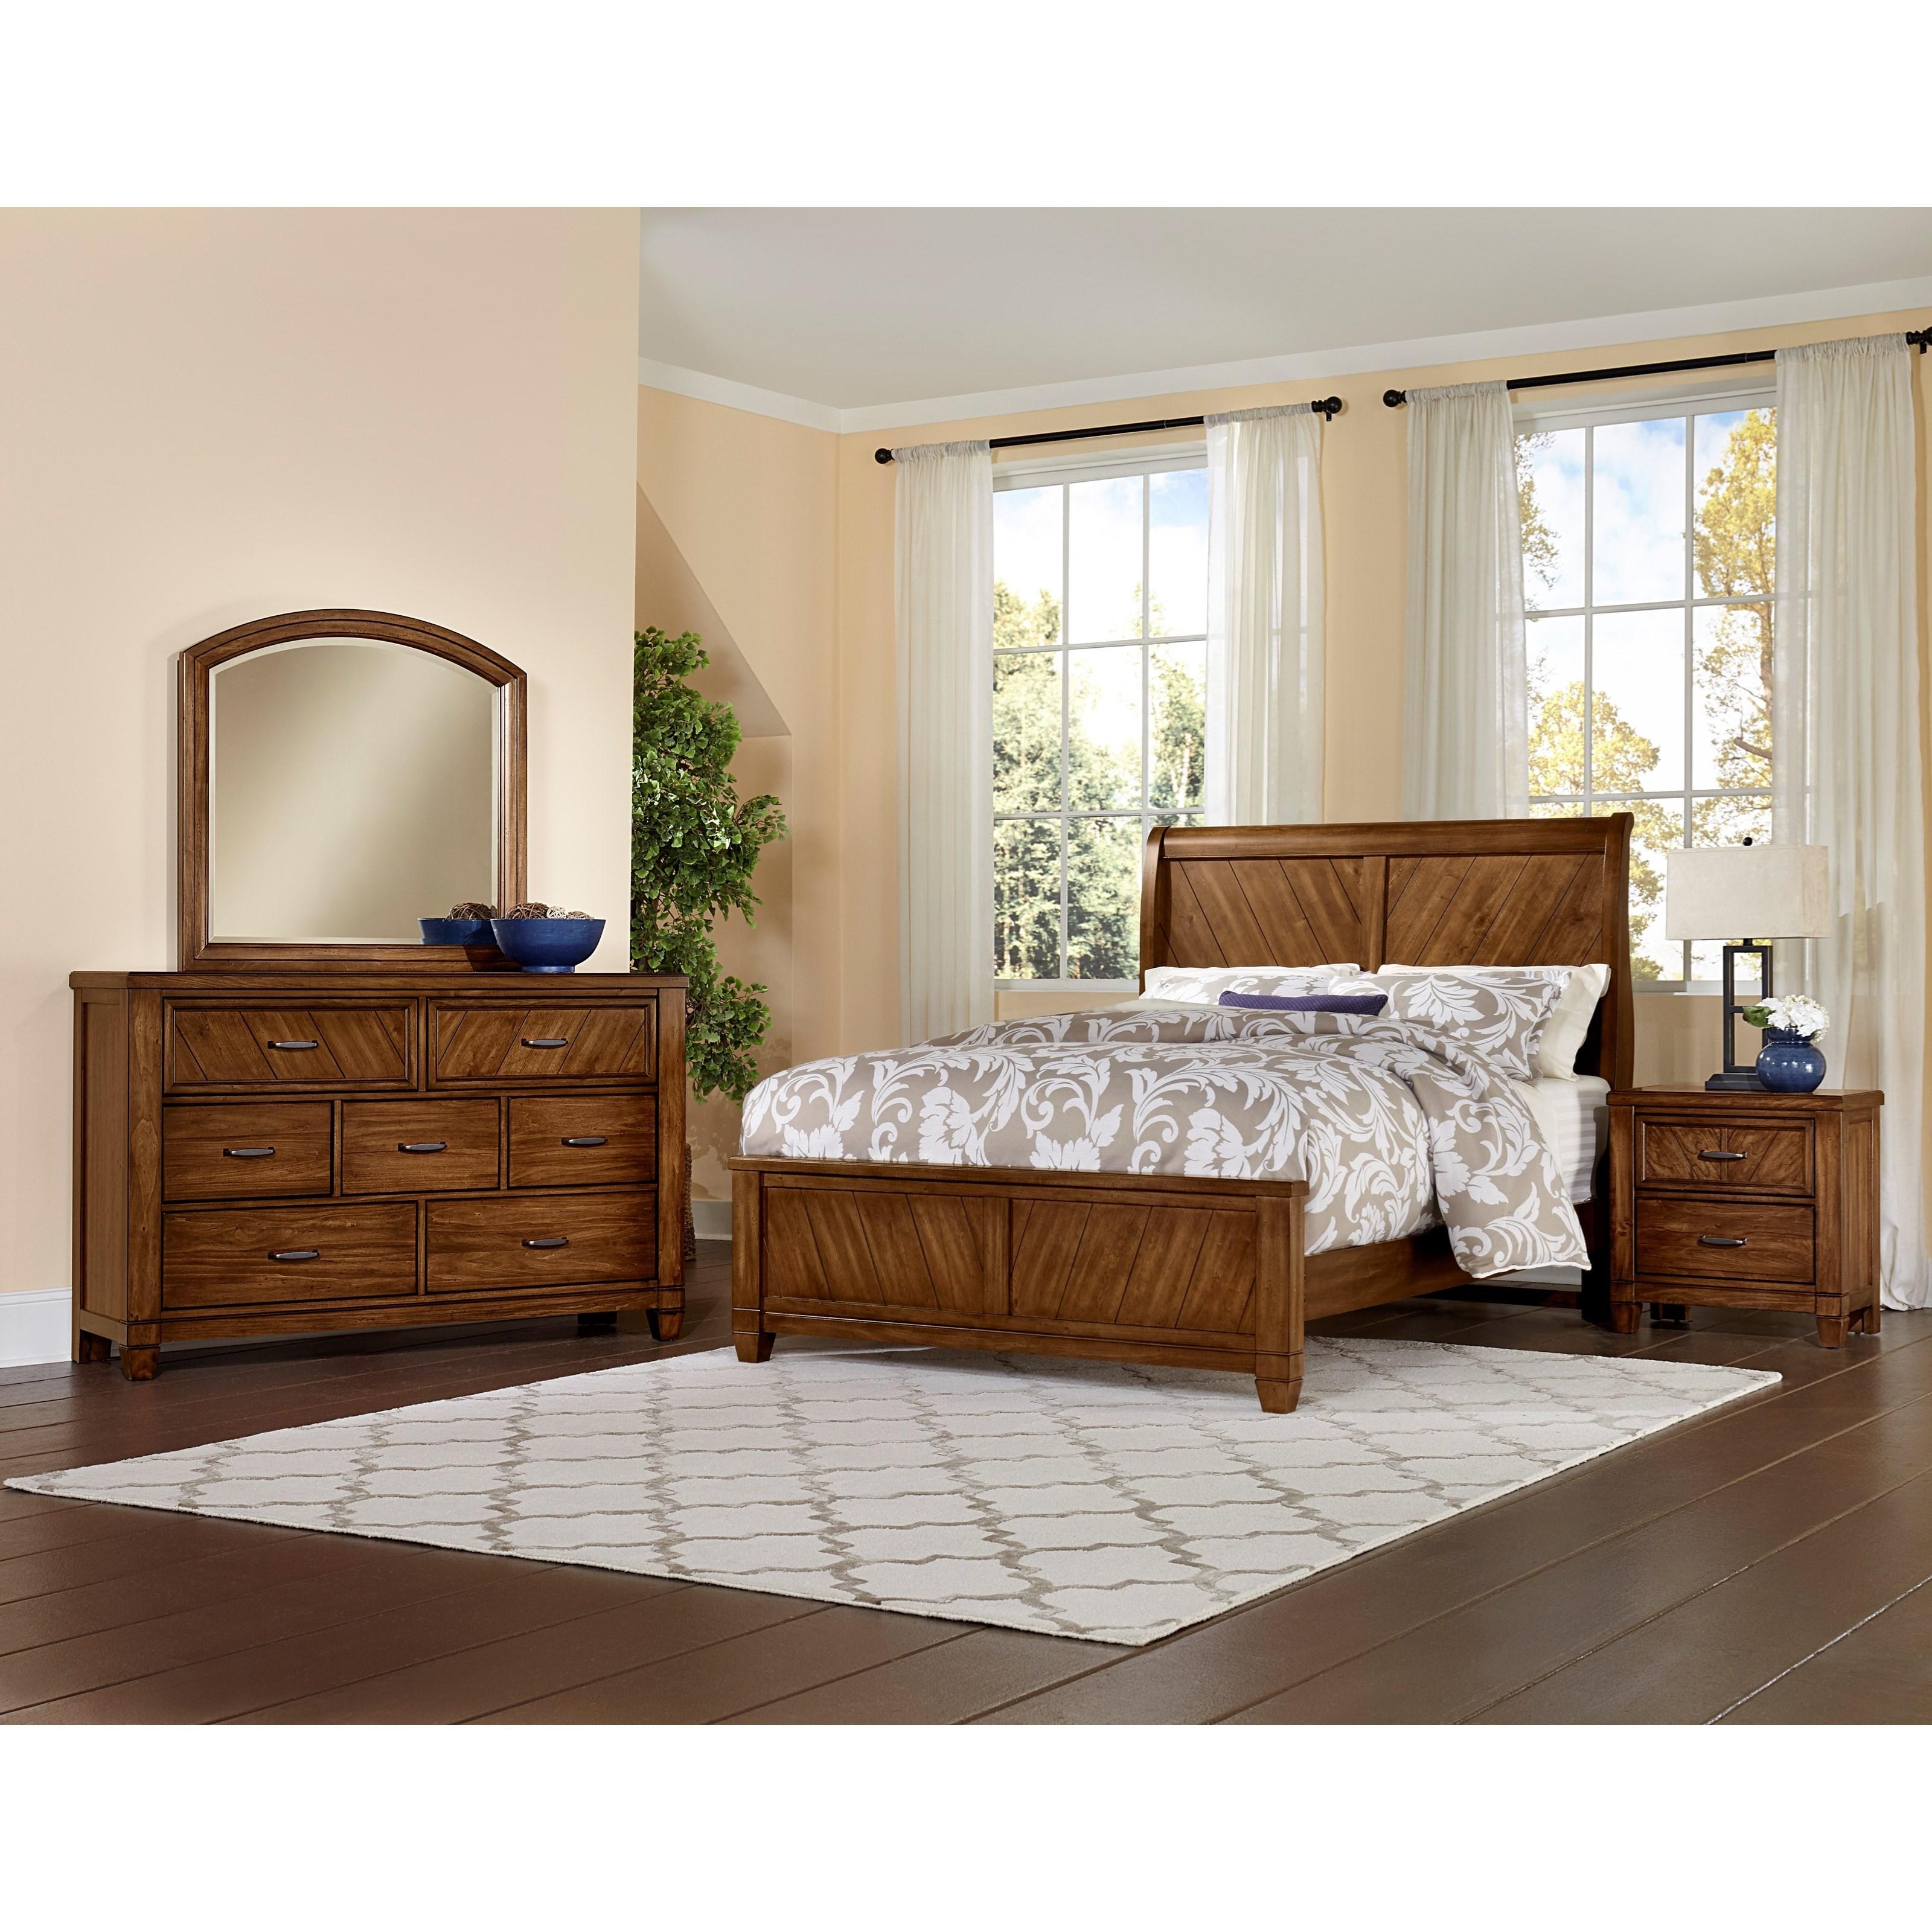 Vaughan Bassett Rustic Cottage Queen Bedroom Group - Item Number: 642 Q  Bedroom Group 3